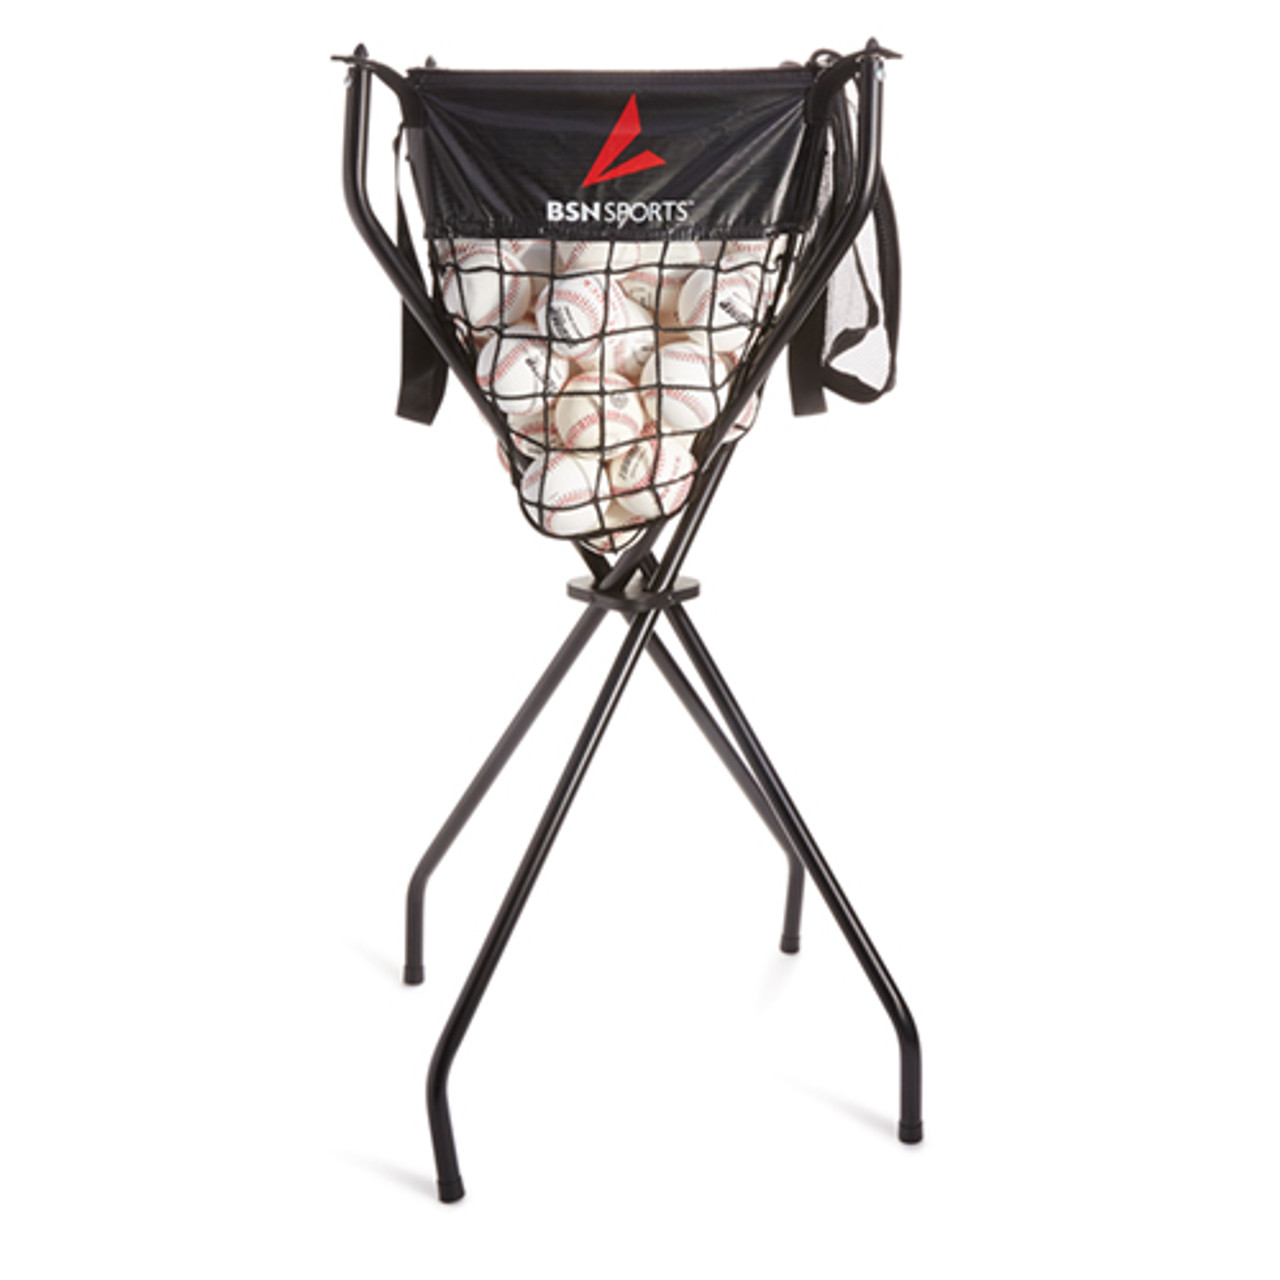 BSN Sports Folding Ball Cart